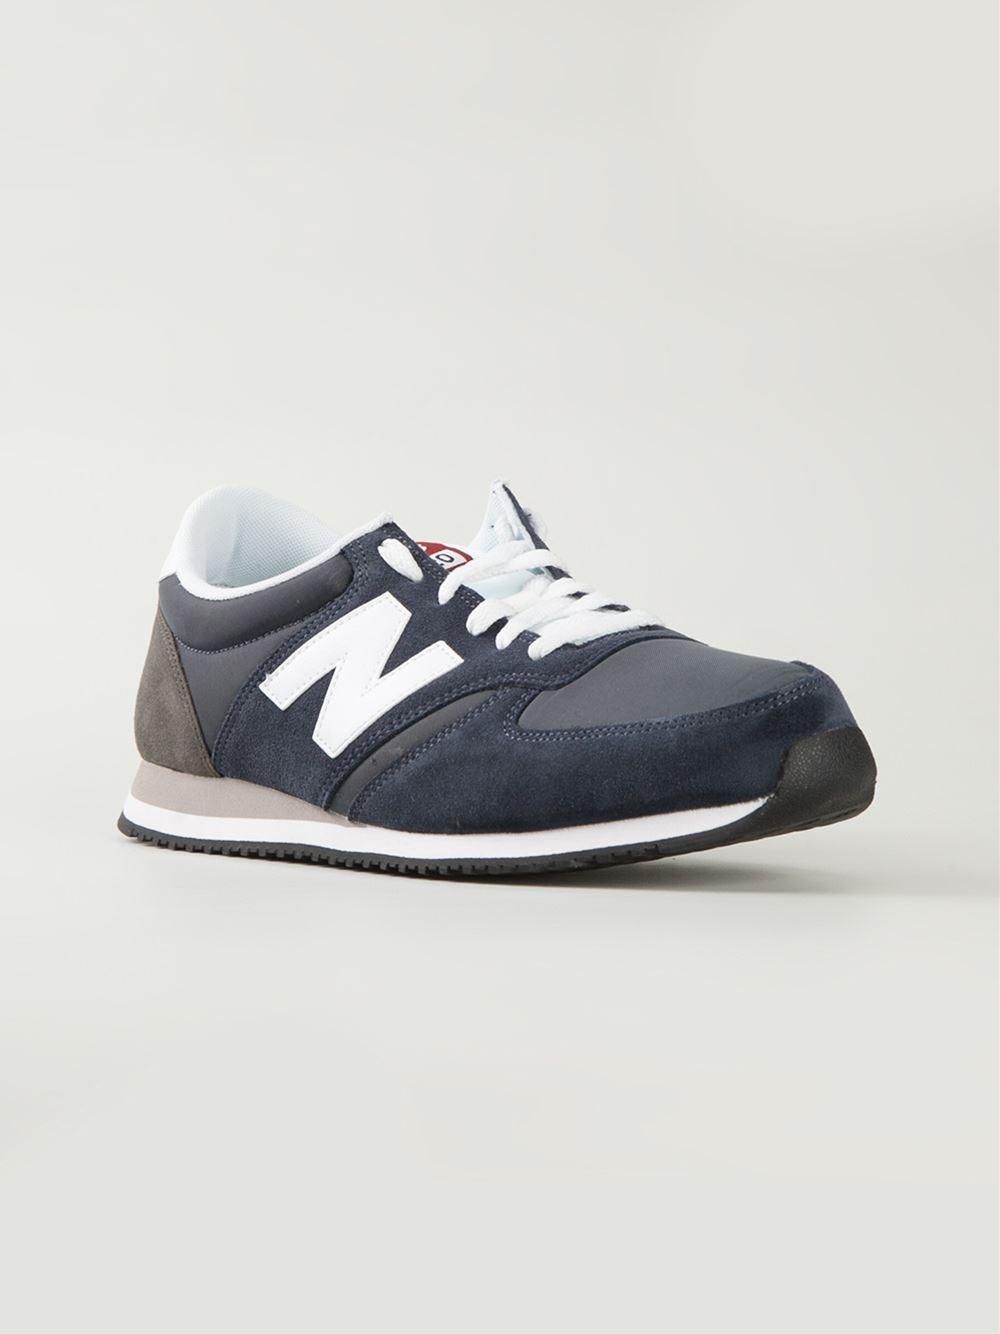 fe4e680b88e8 ... order lyst new balance 70s running 420 sneakers in blue for men 98f3b  23735